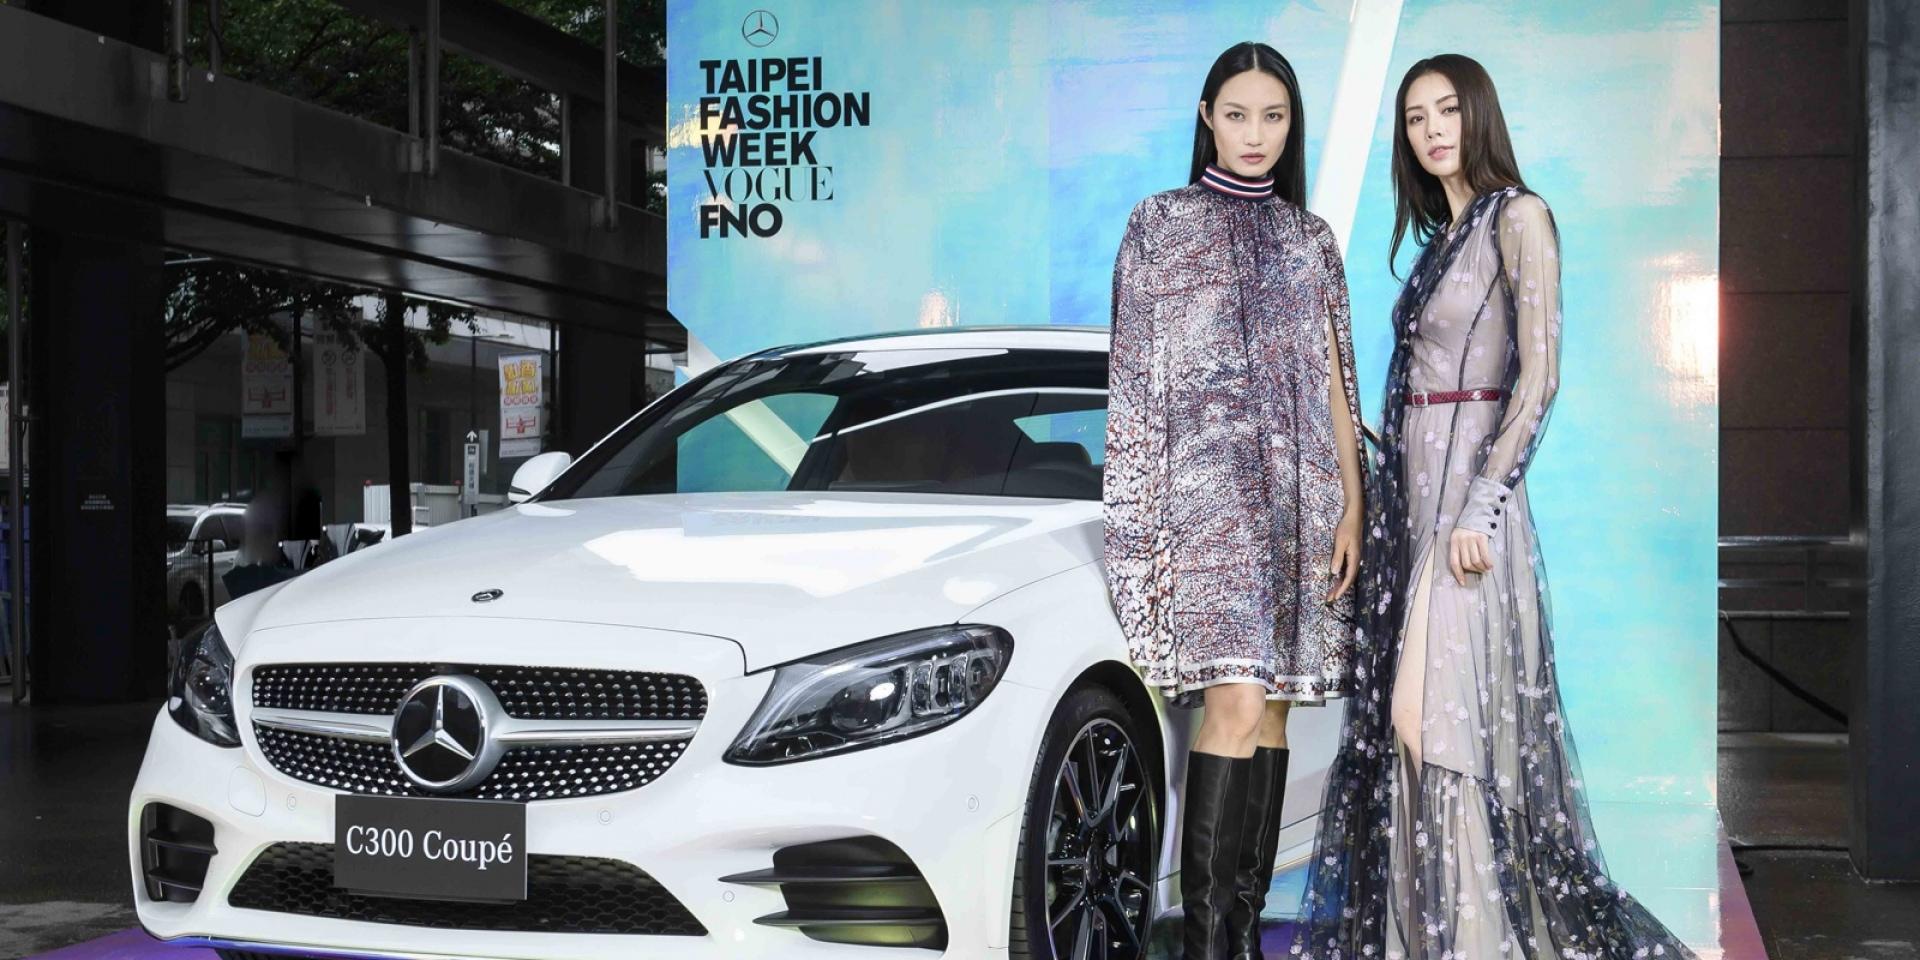 官方新聞稿。市政府、VOGUE、Mercedes-Benz攜手打造台北首屆國際時裝週。全新C-Class站台造勢 預告神秘車款即將現身!